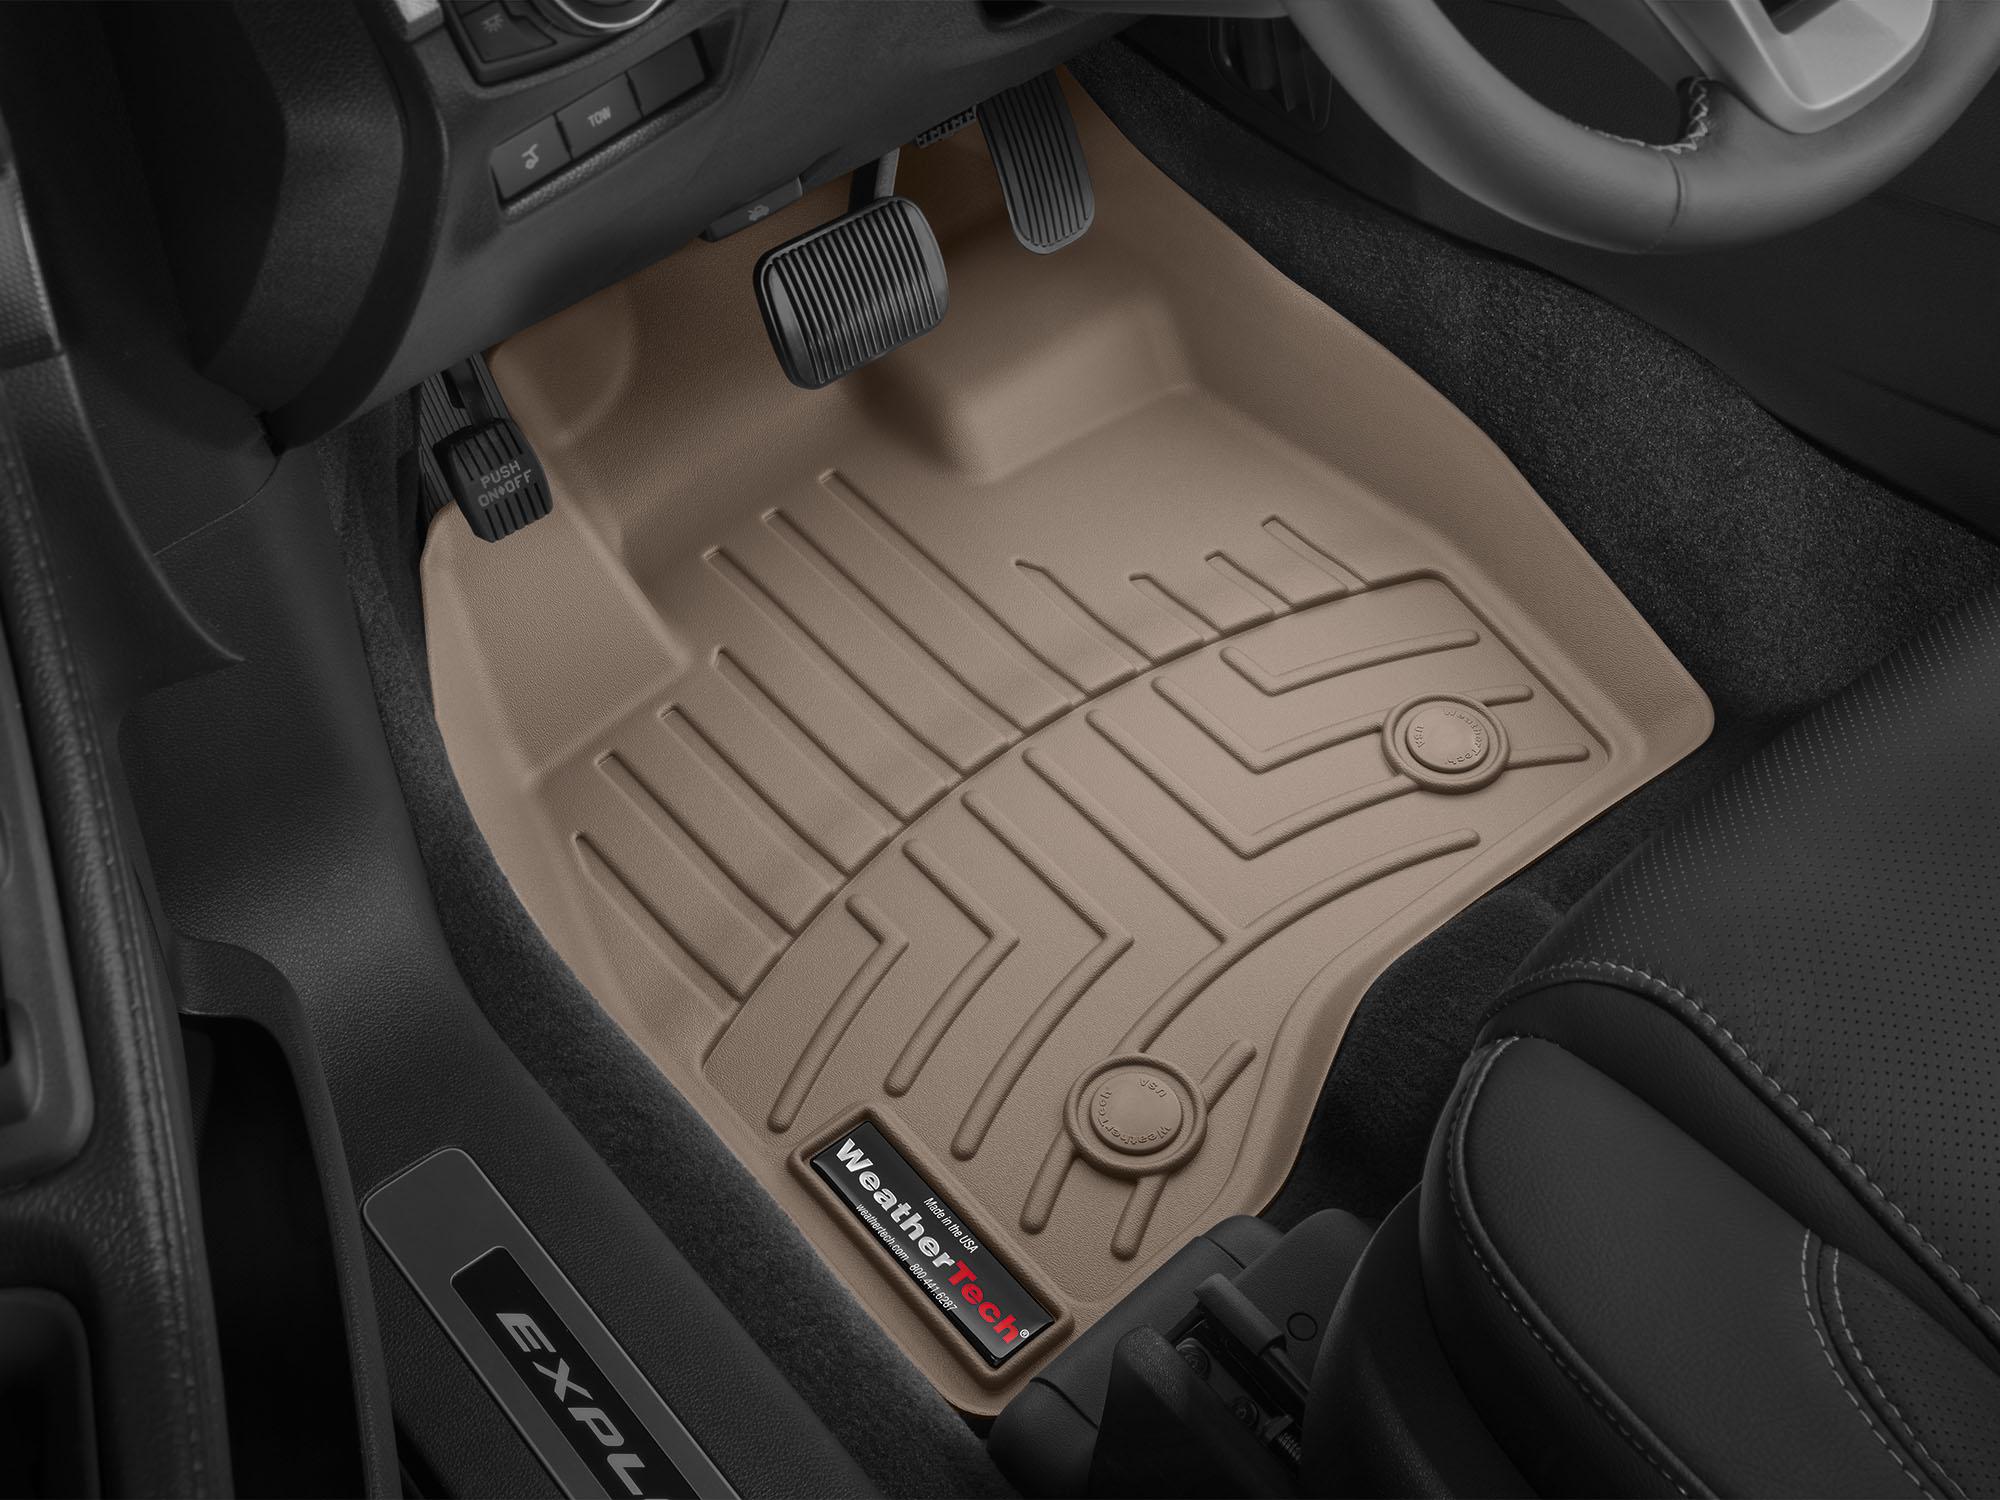 Tappeti gomma su misura bordo alto Ford Explorer 15>16 Marrone A880*